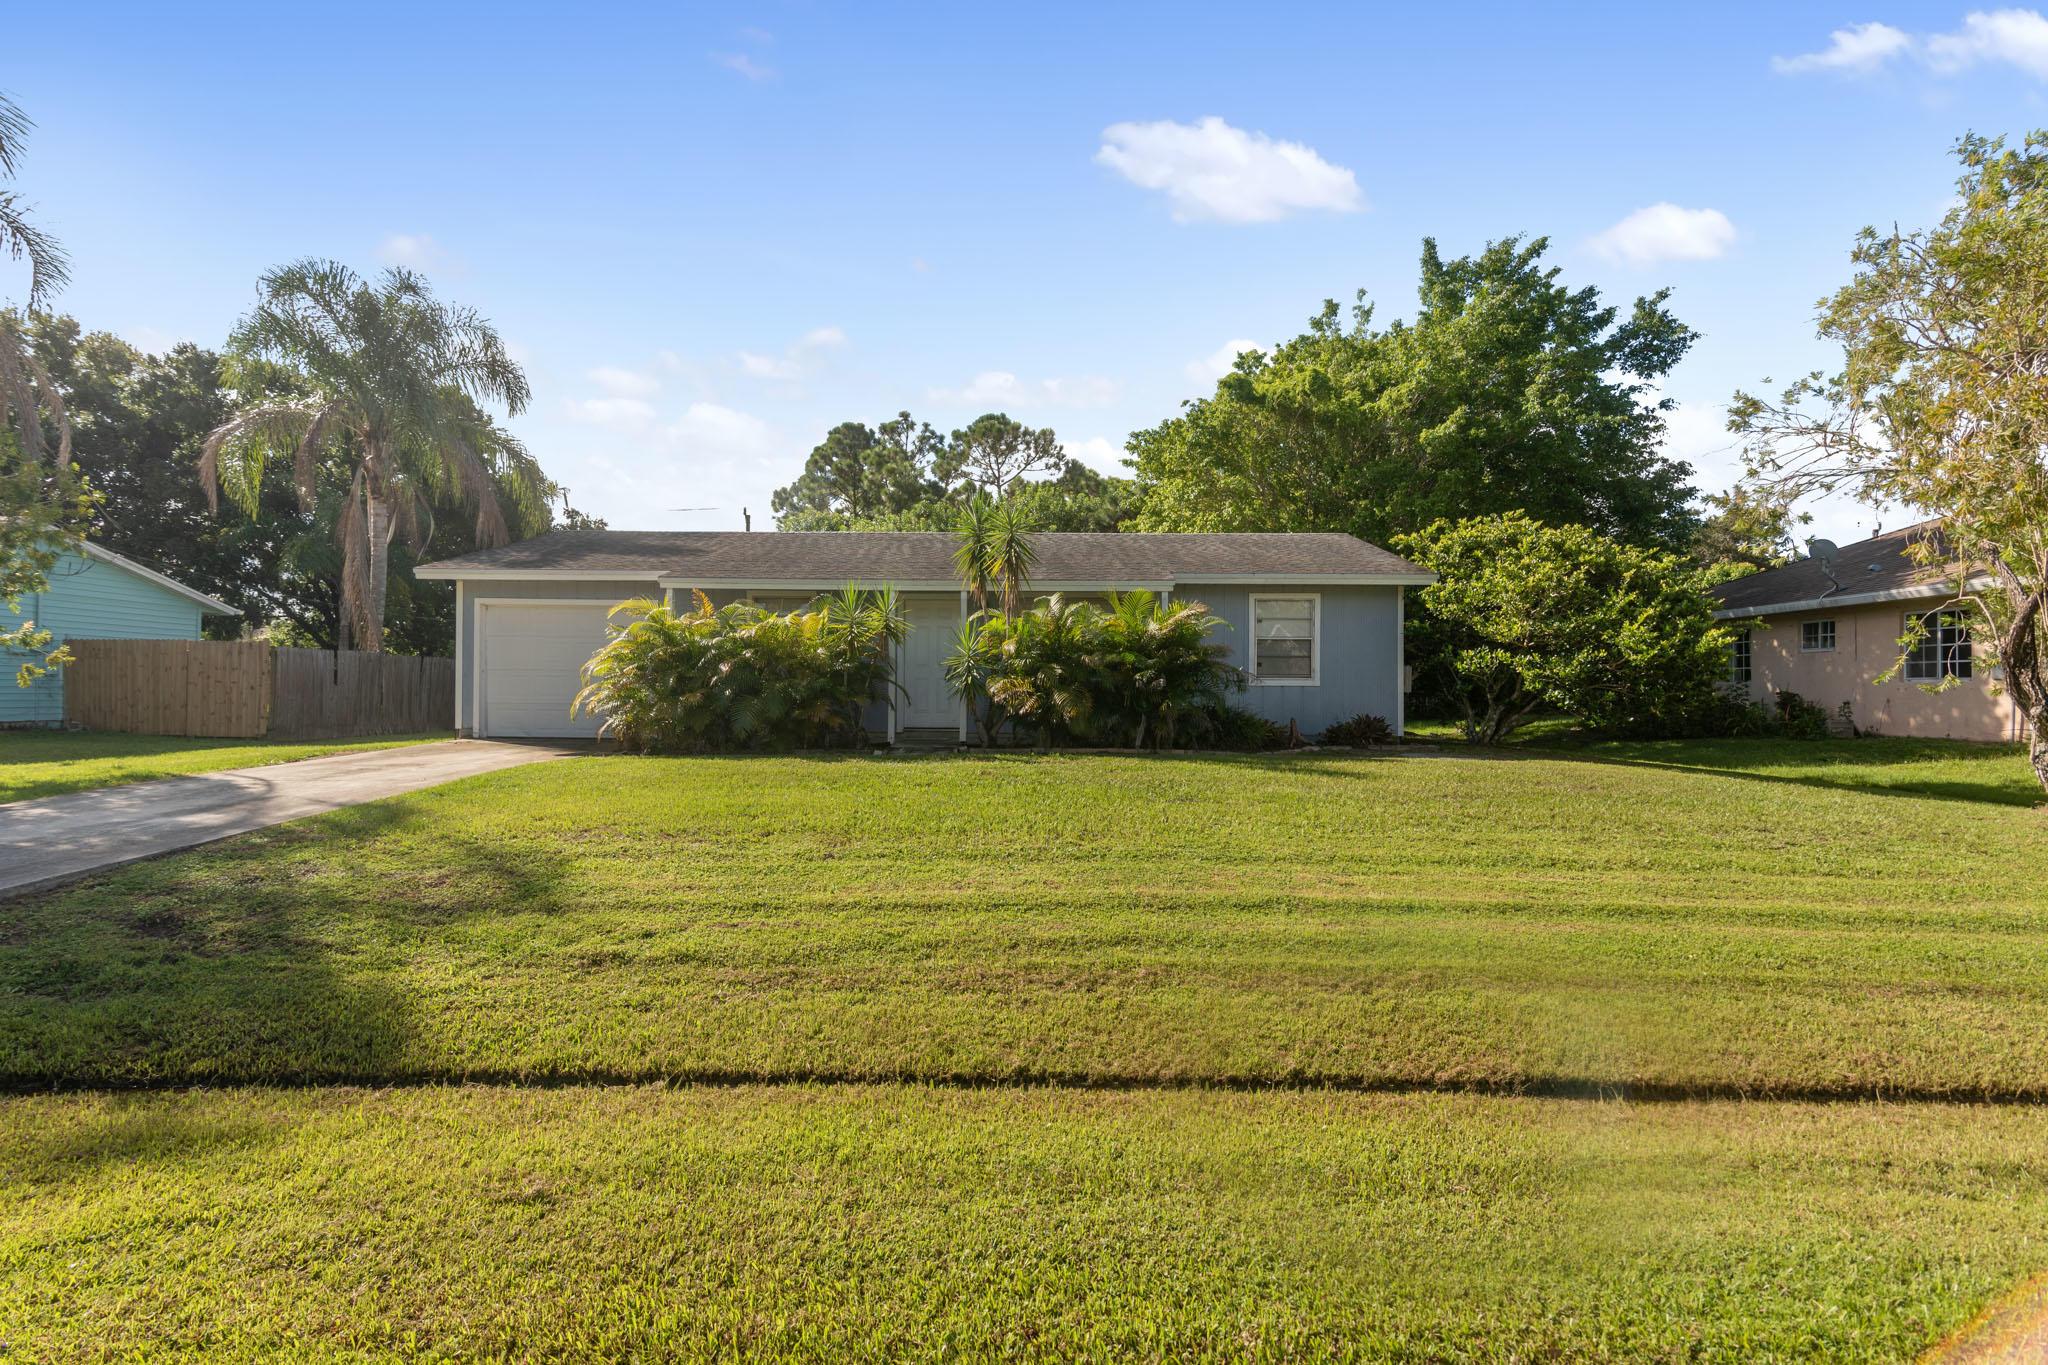 120 Sw De Gouvea Terrace, Port Saint Lucie, FL 34984